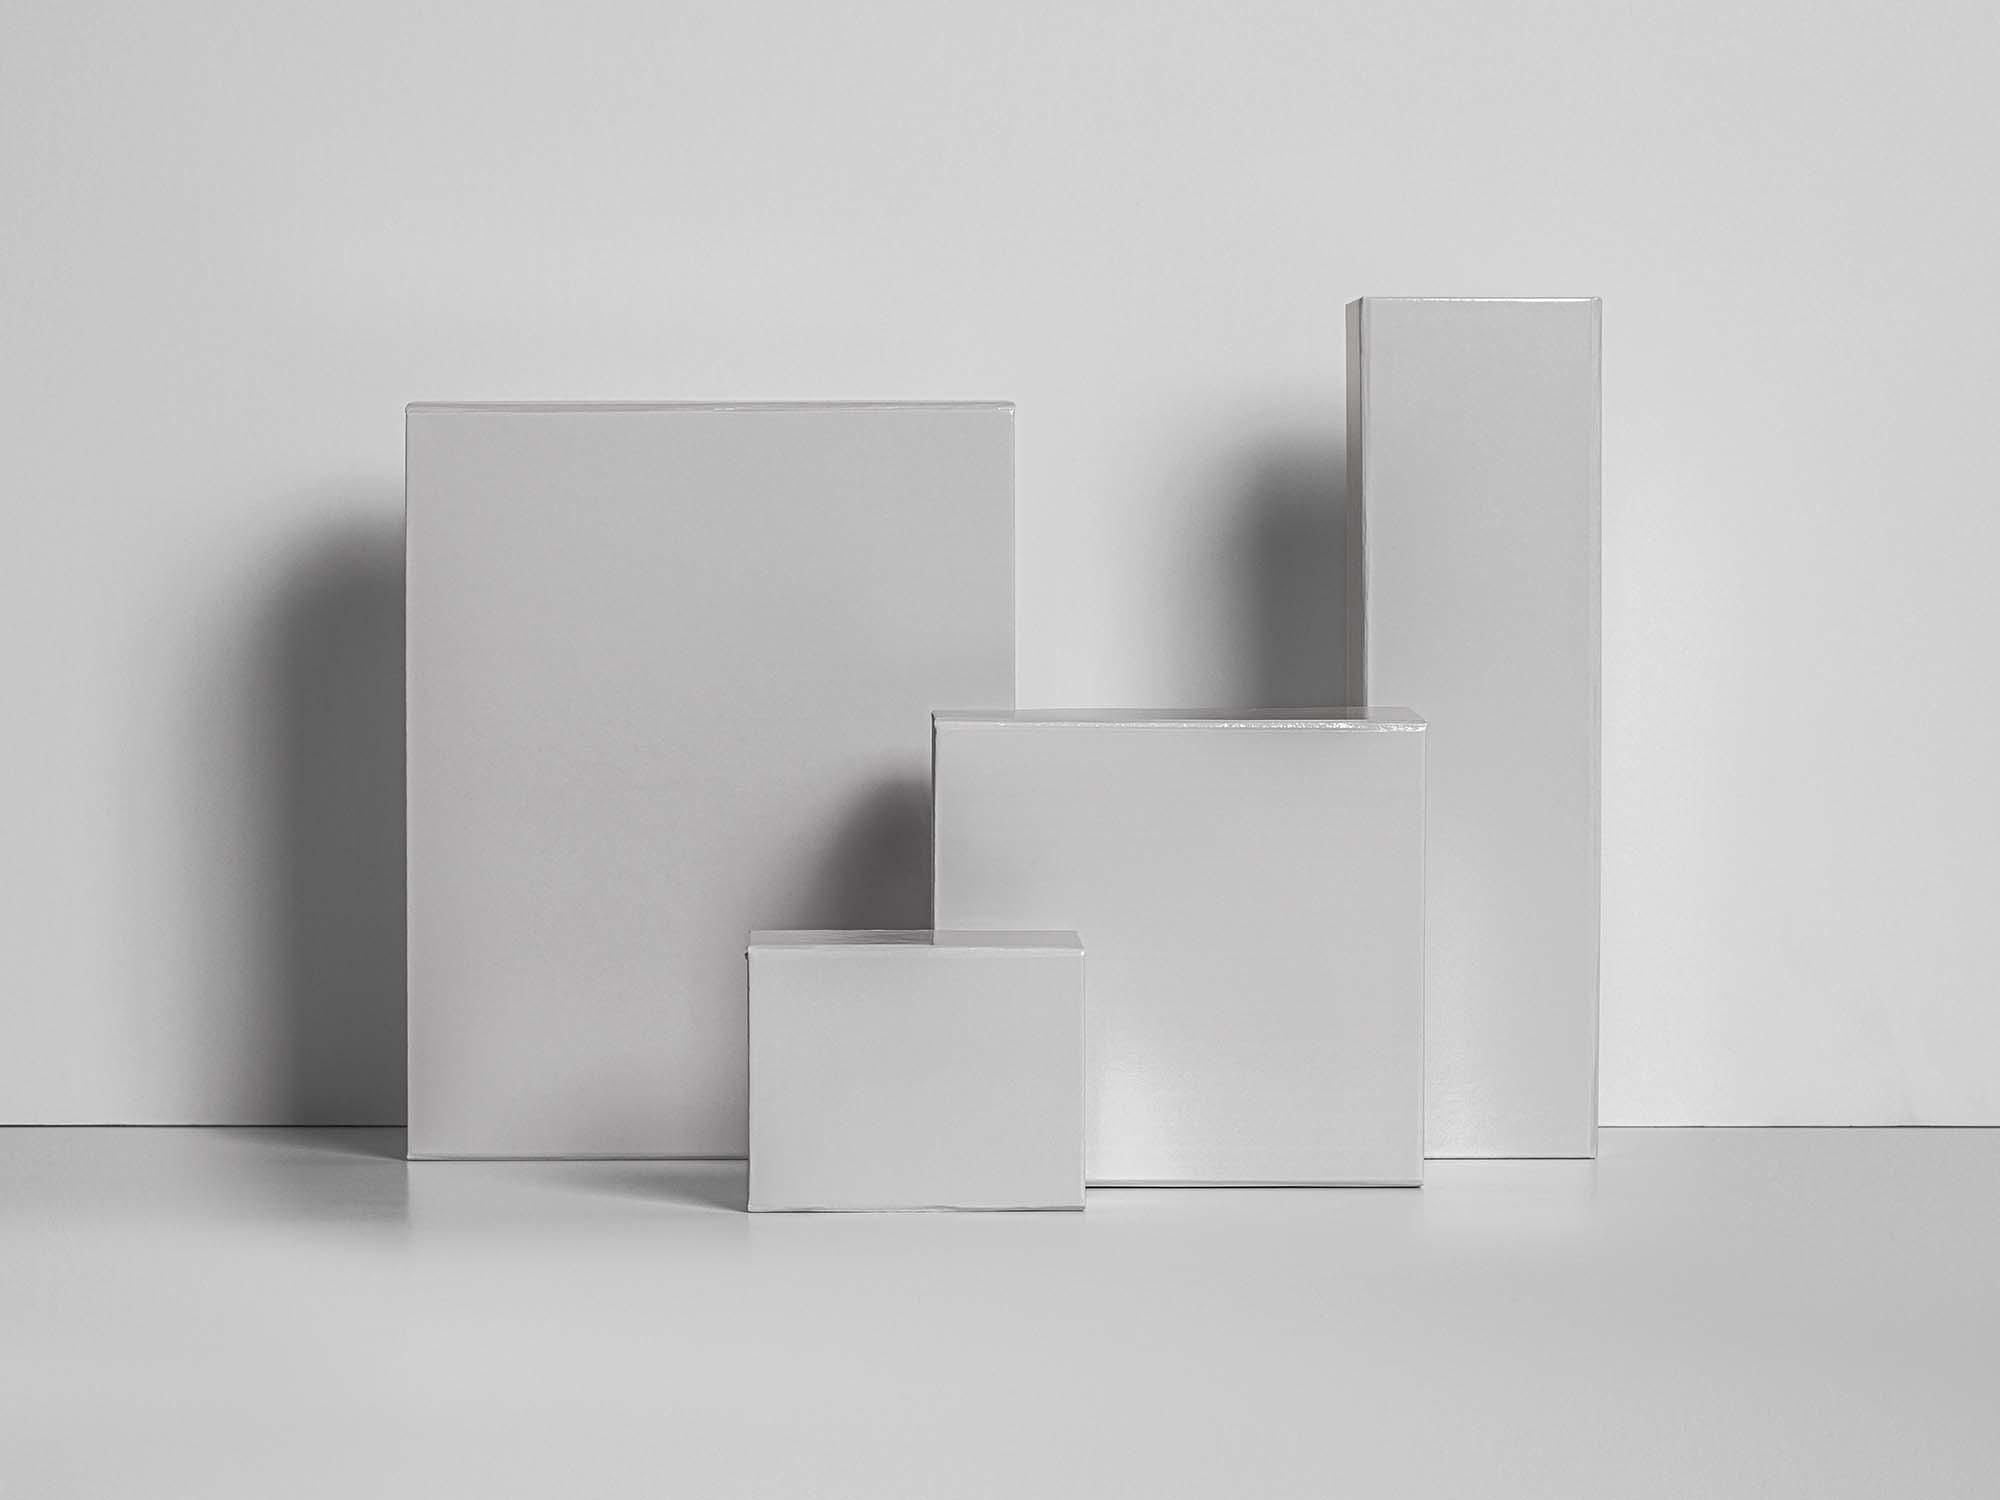 Box Packaging Mockup 2